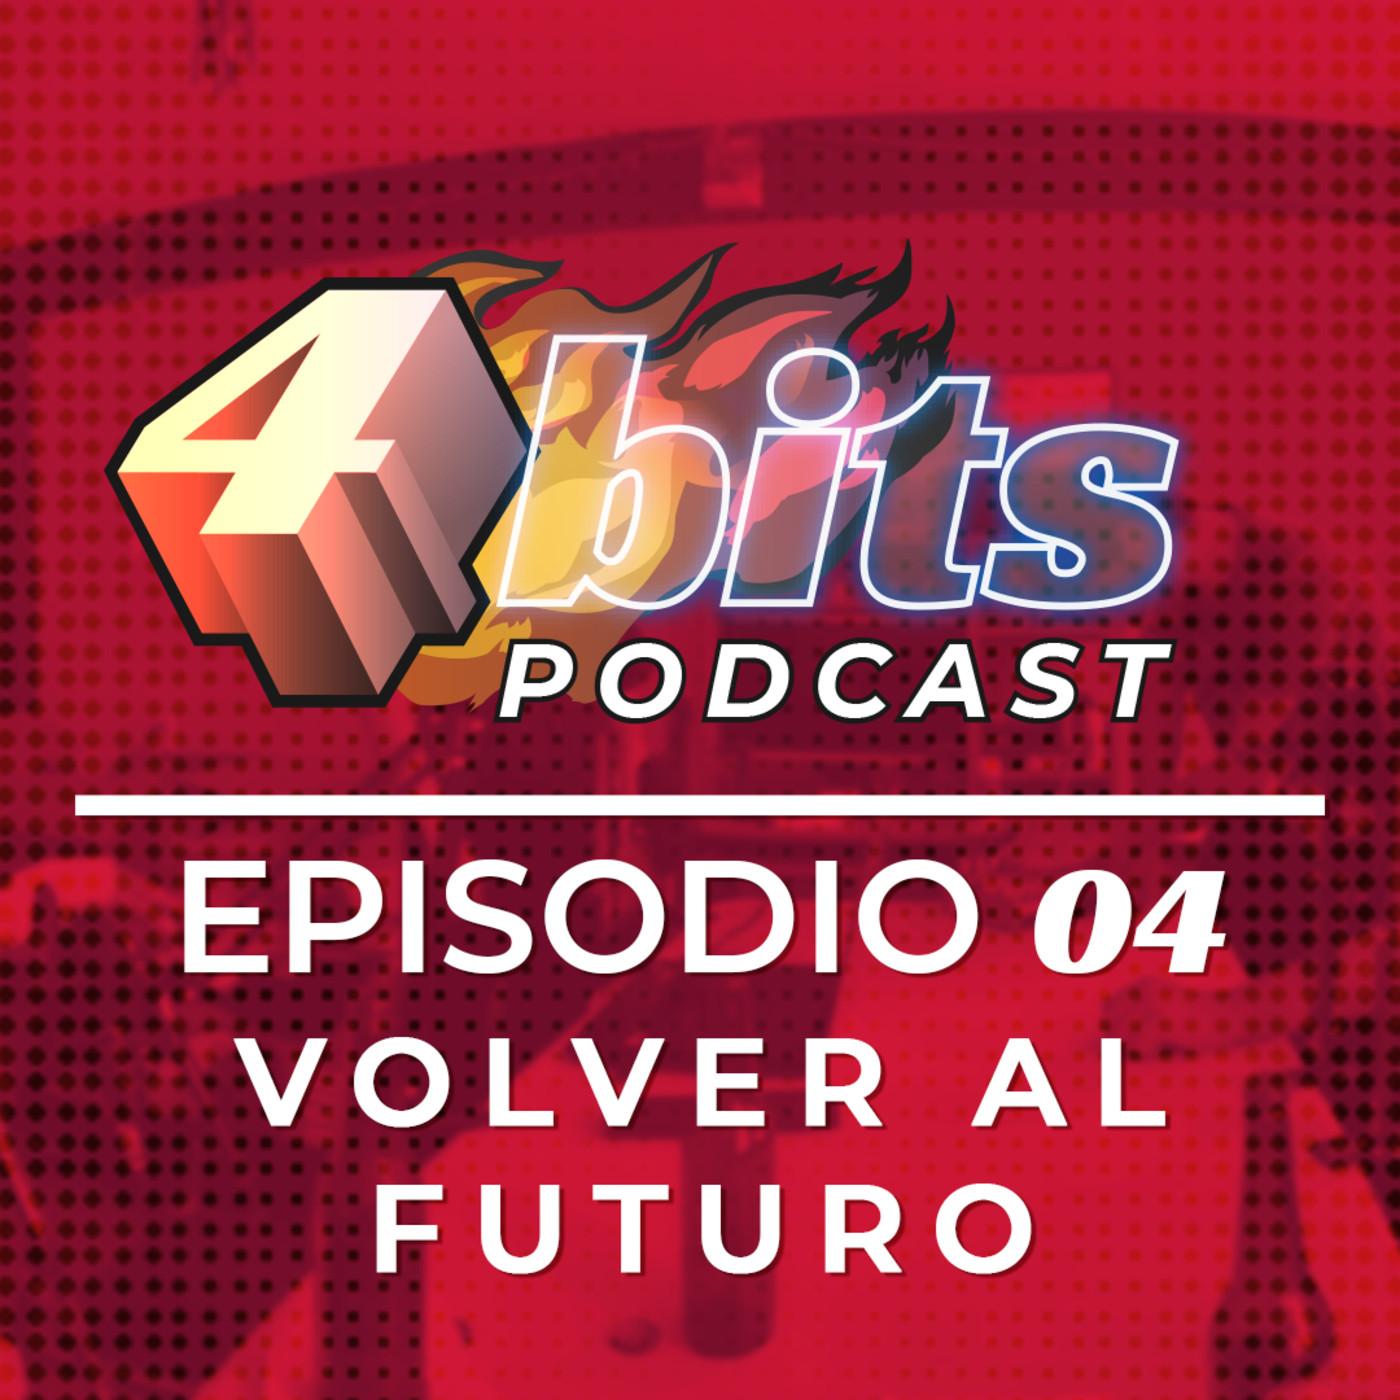 Podcast Als Mp3 Speichern